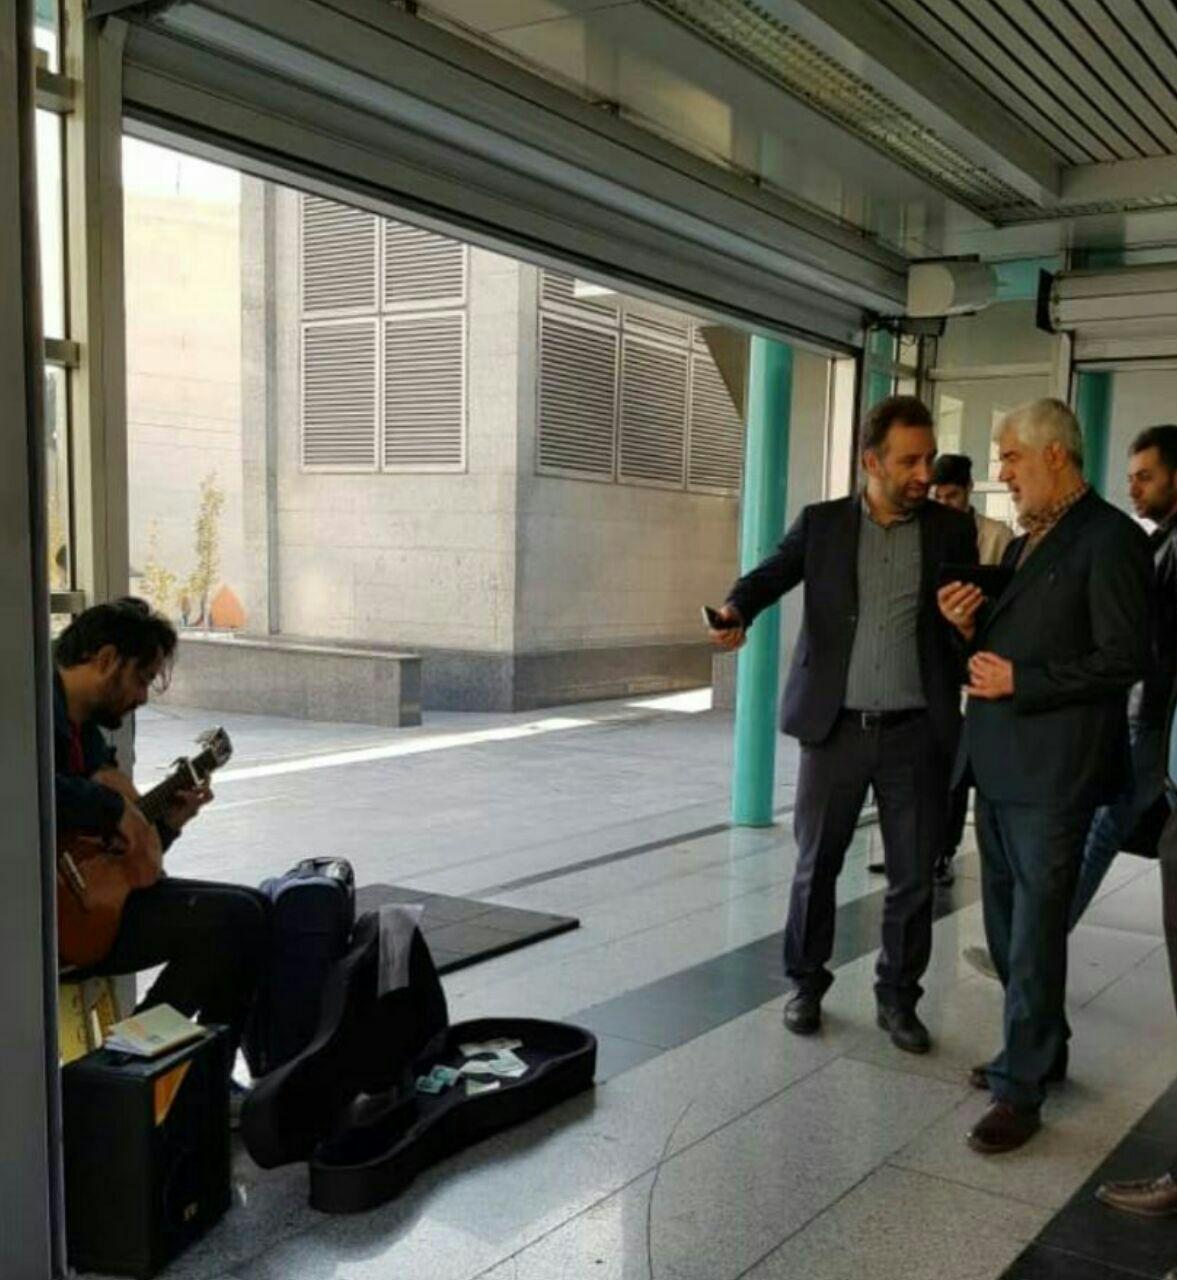 خاطره نگاری جالب معاون شهردار از شنیدن موسیقی در مترو